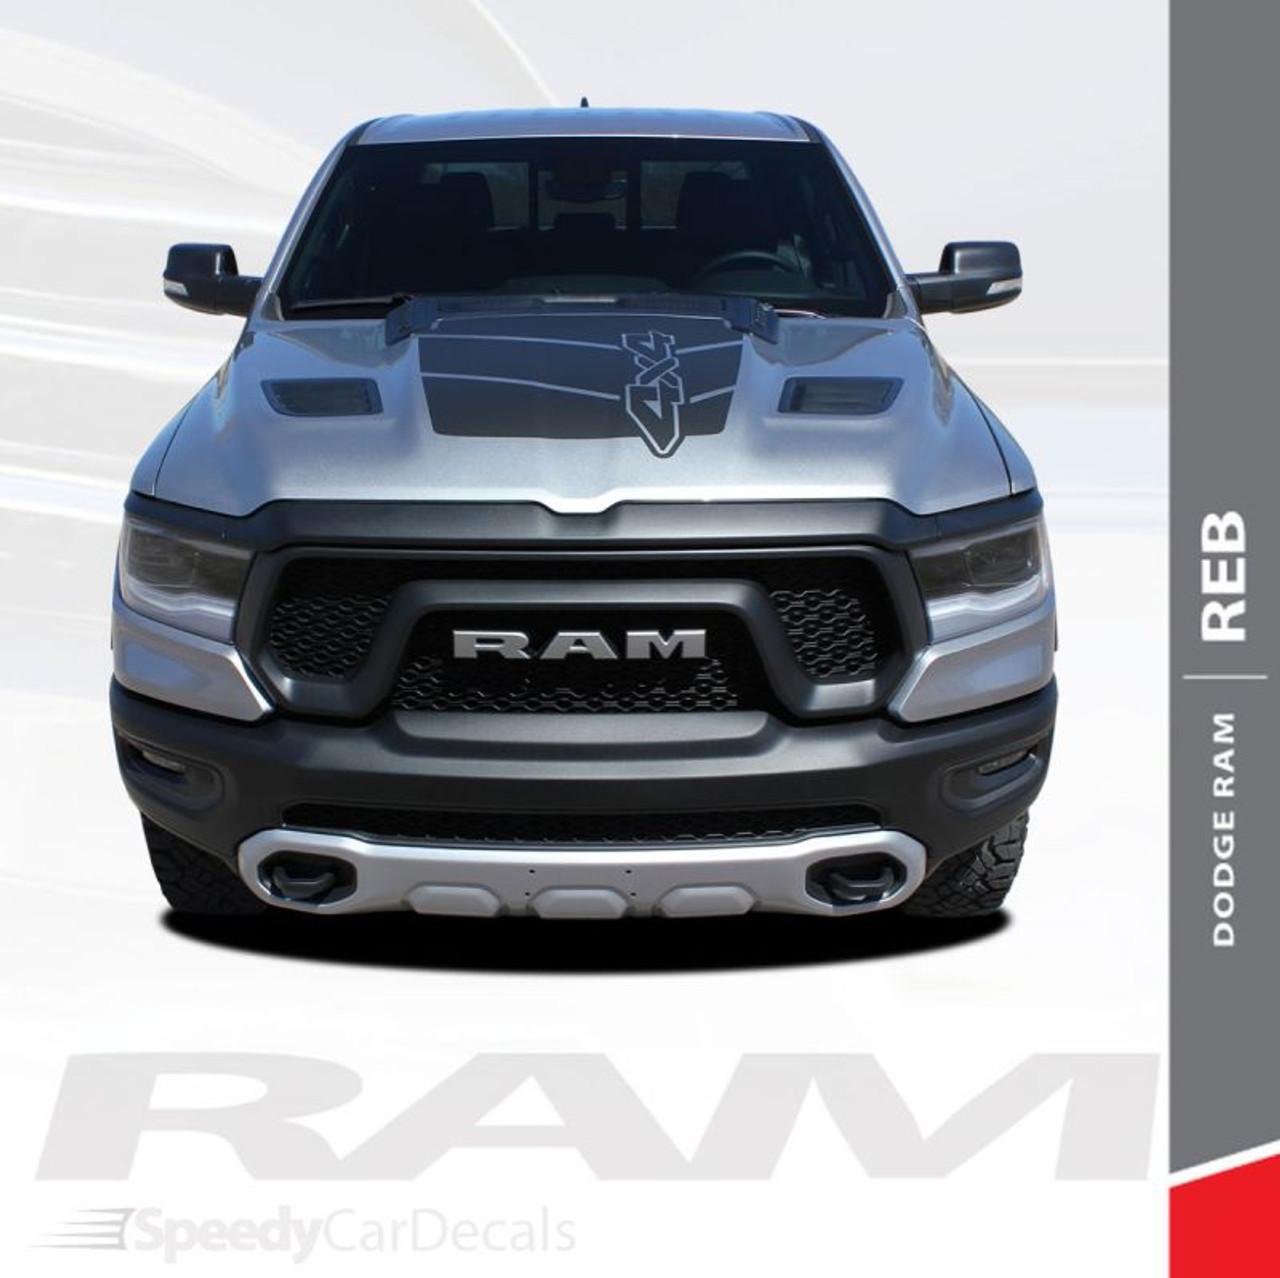 Reb Hood Dodge Ram Rebel Hood Decals Ram Rebel Decals Ram Vinyl Graphics